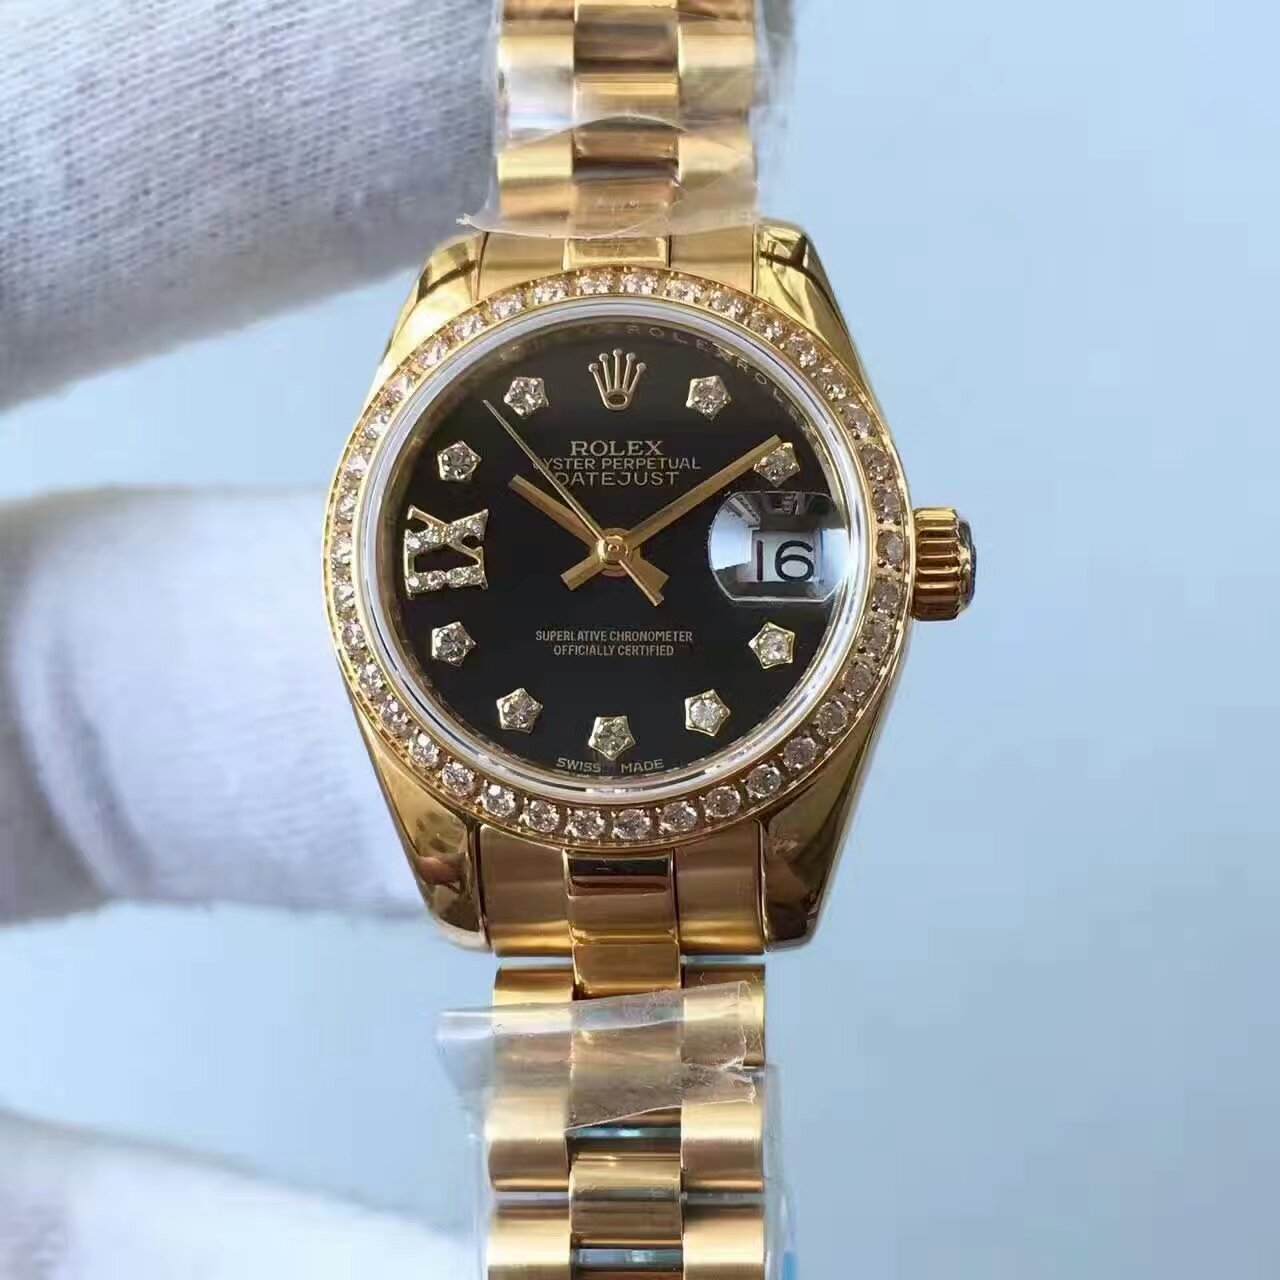 【台湾厂一比一复刻手表】劳力士女装日志型系列黑色表盘女士腕表价格报价